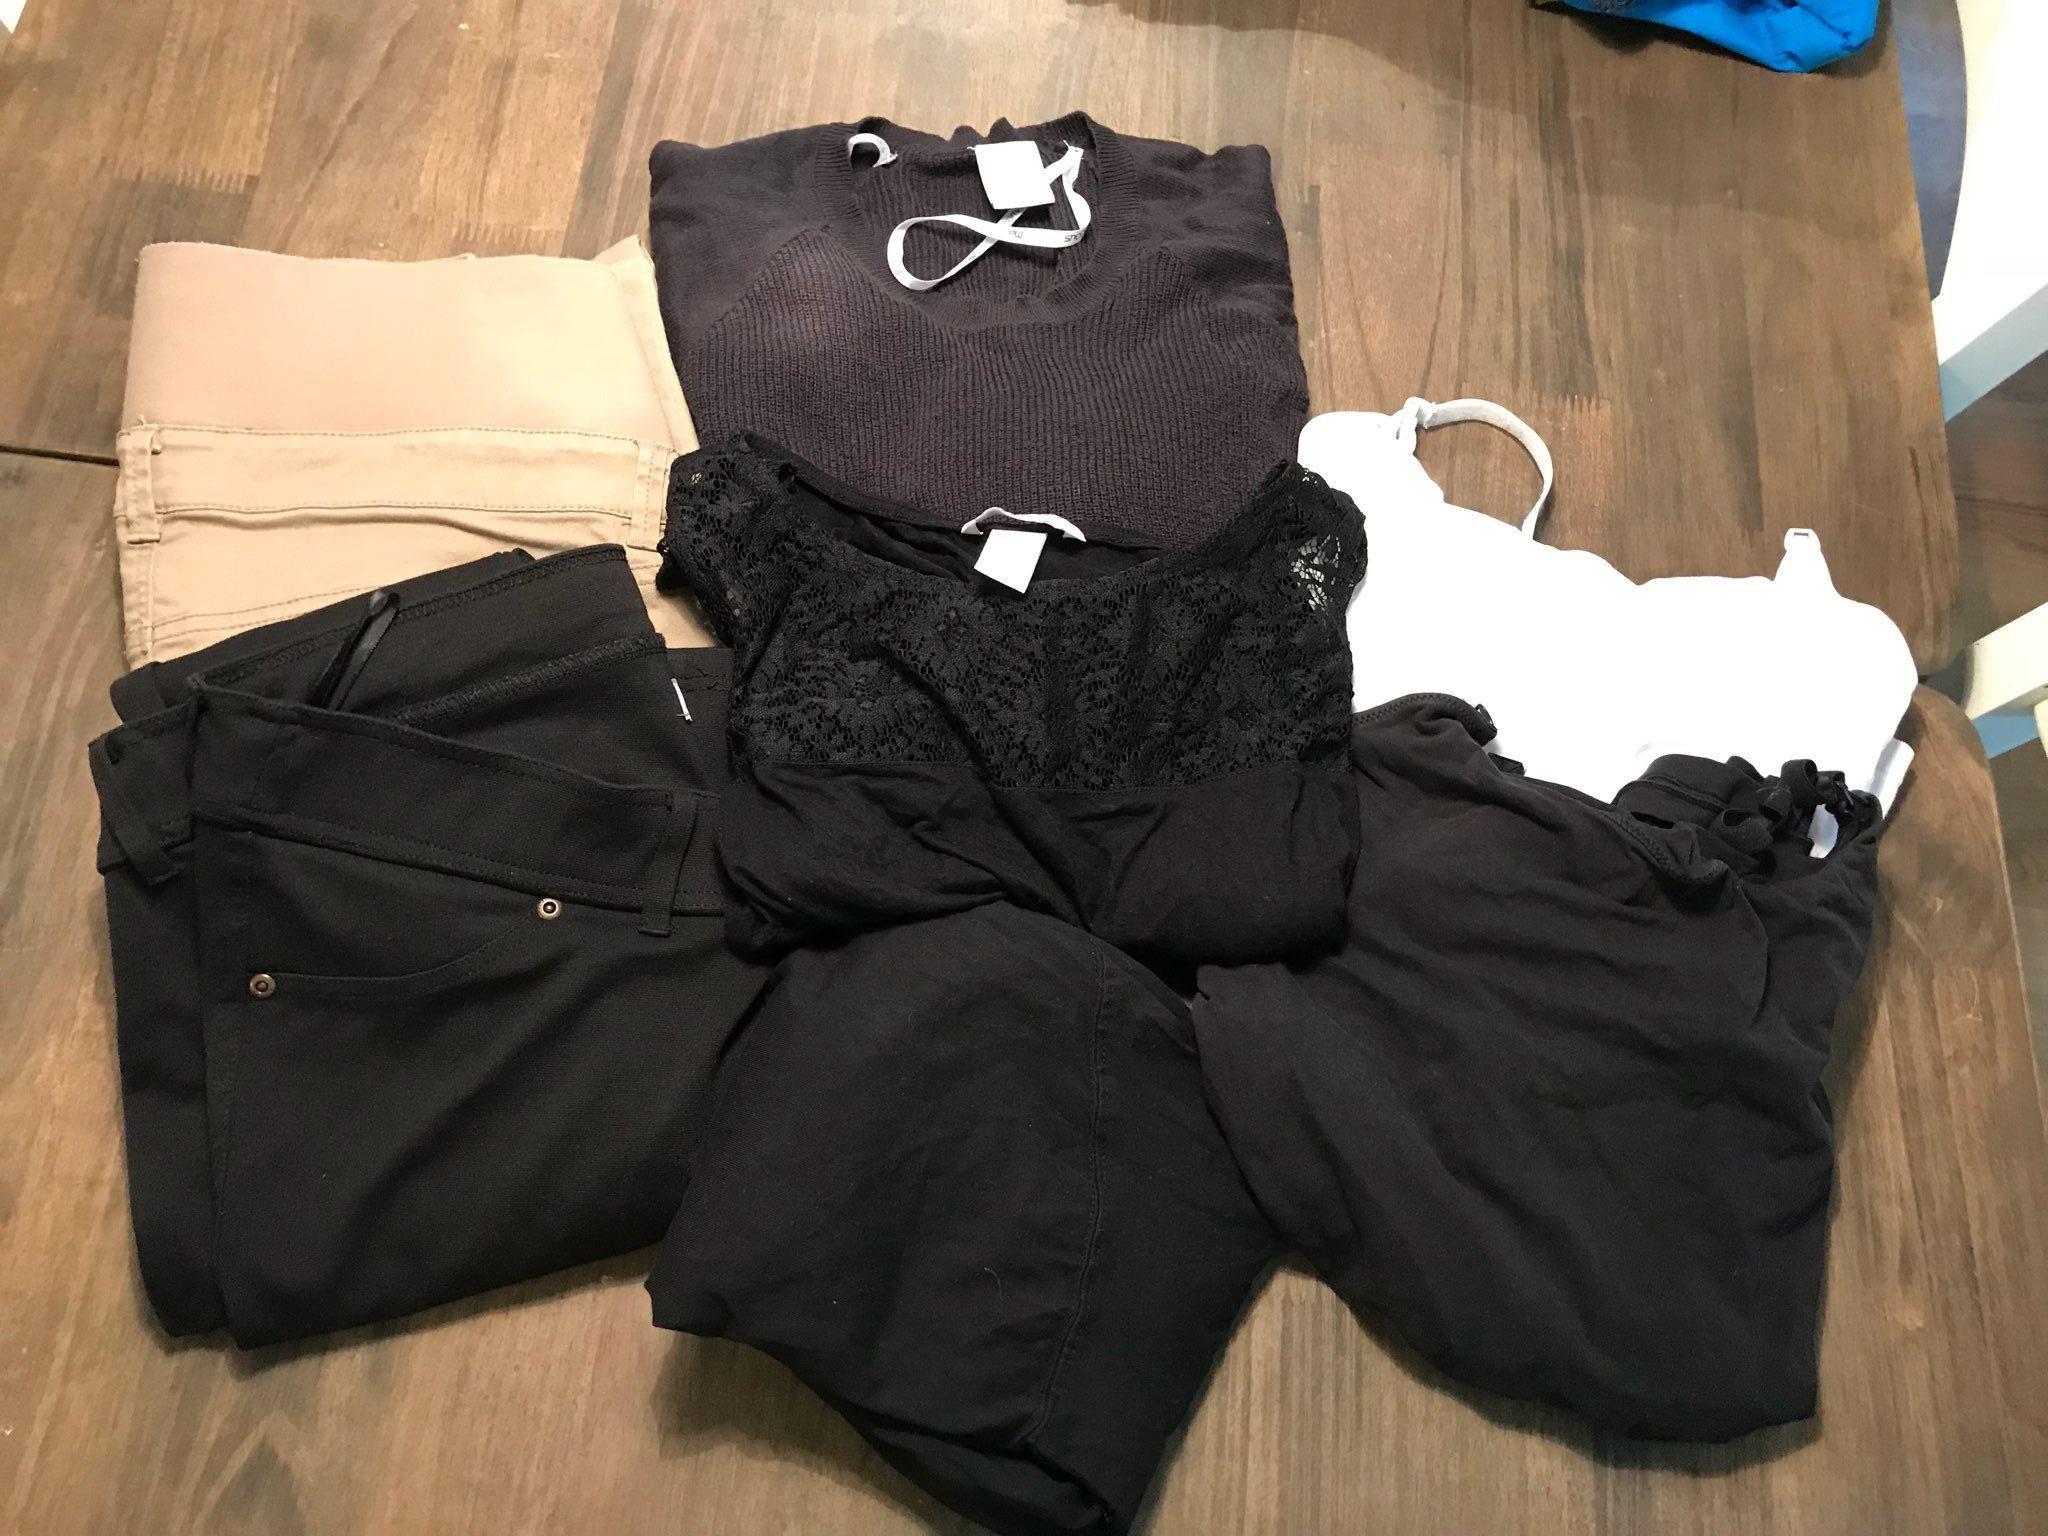 Klädpaket Gravidkläder S-M ee74a4adb6f35